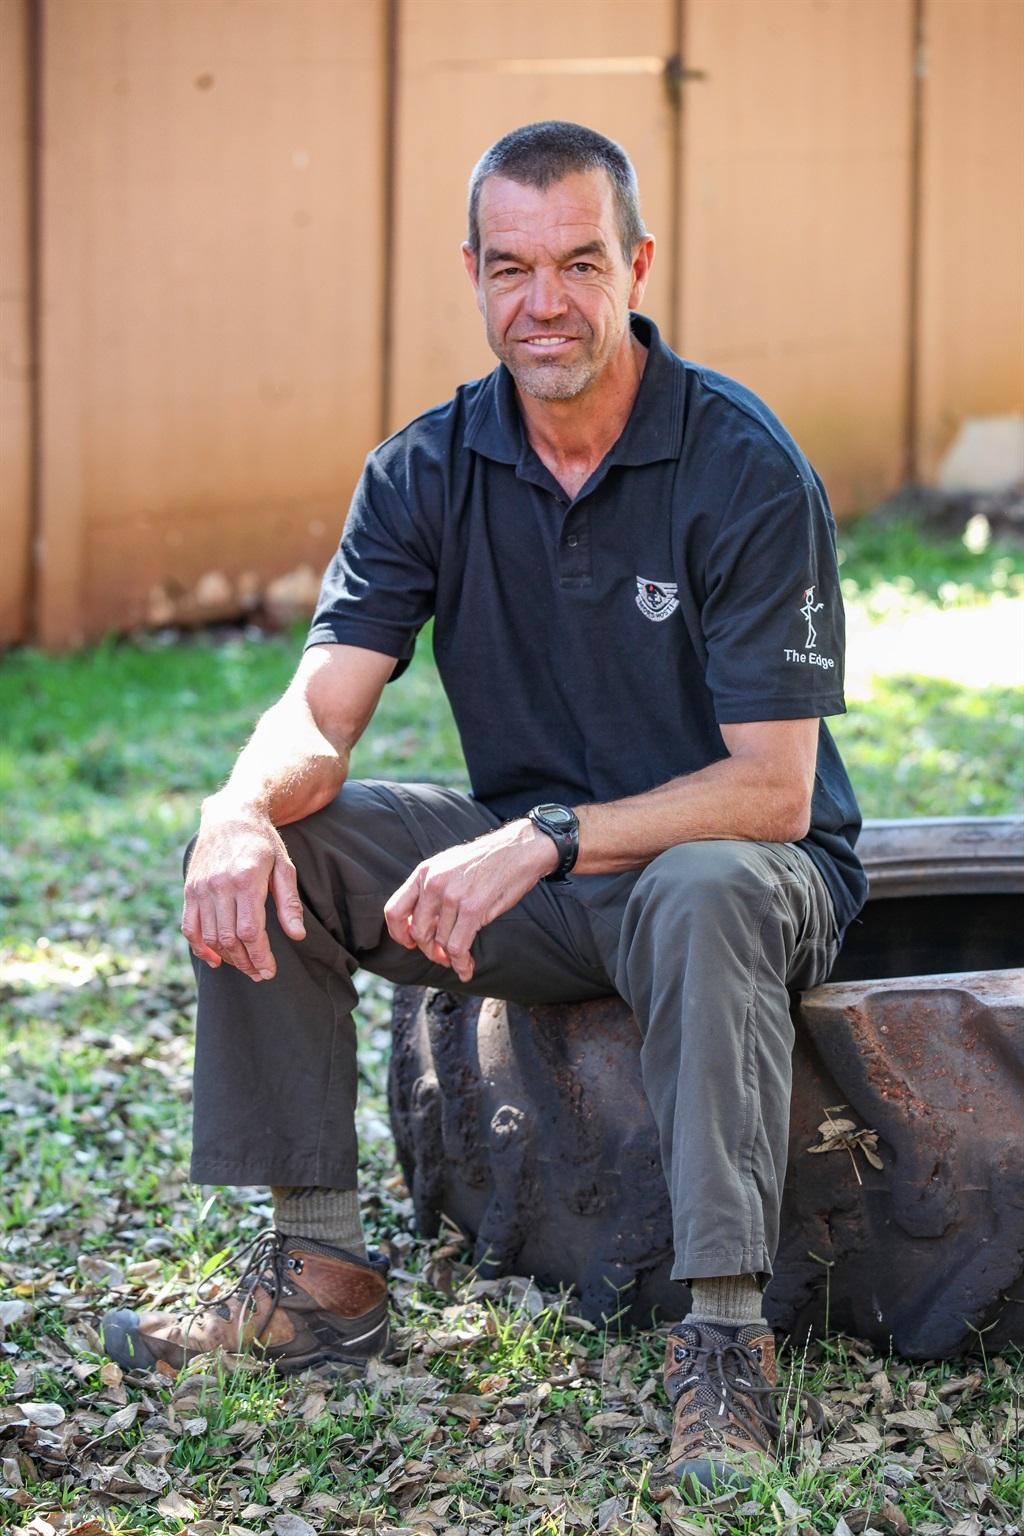 Suid-Afrika se eie Chuck Norris, Leo Prinsloo. Fot